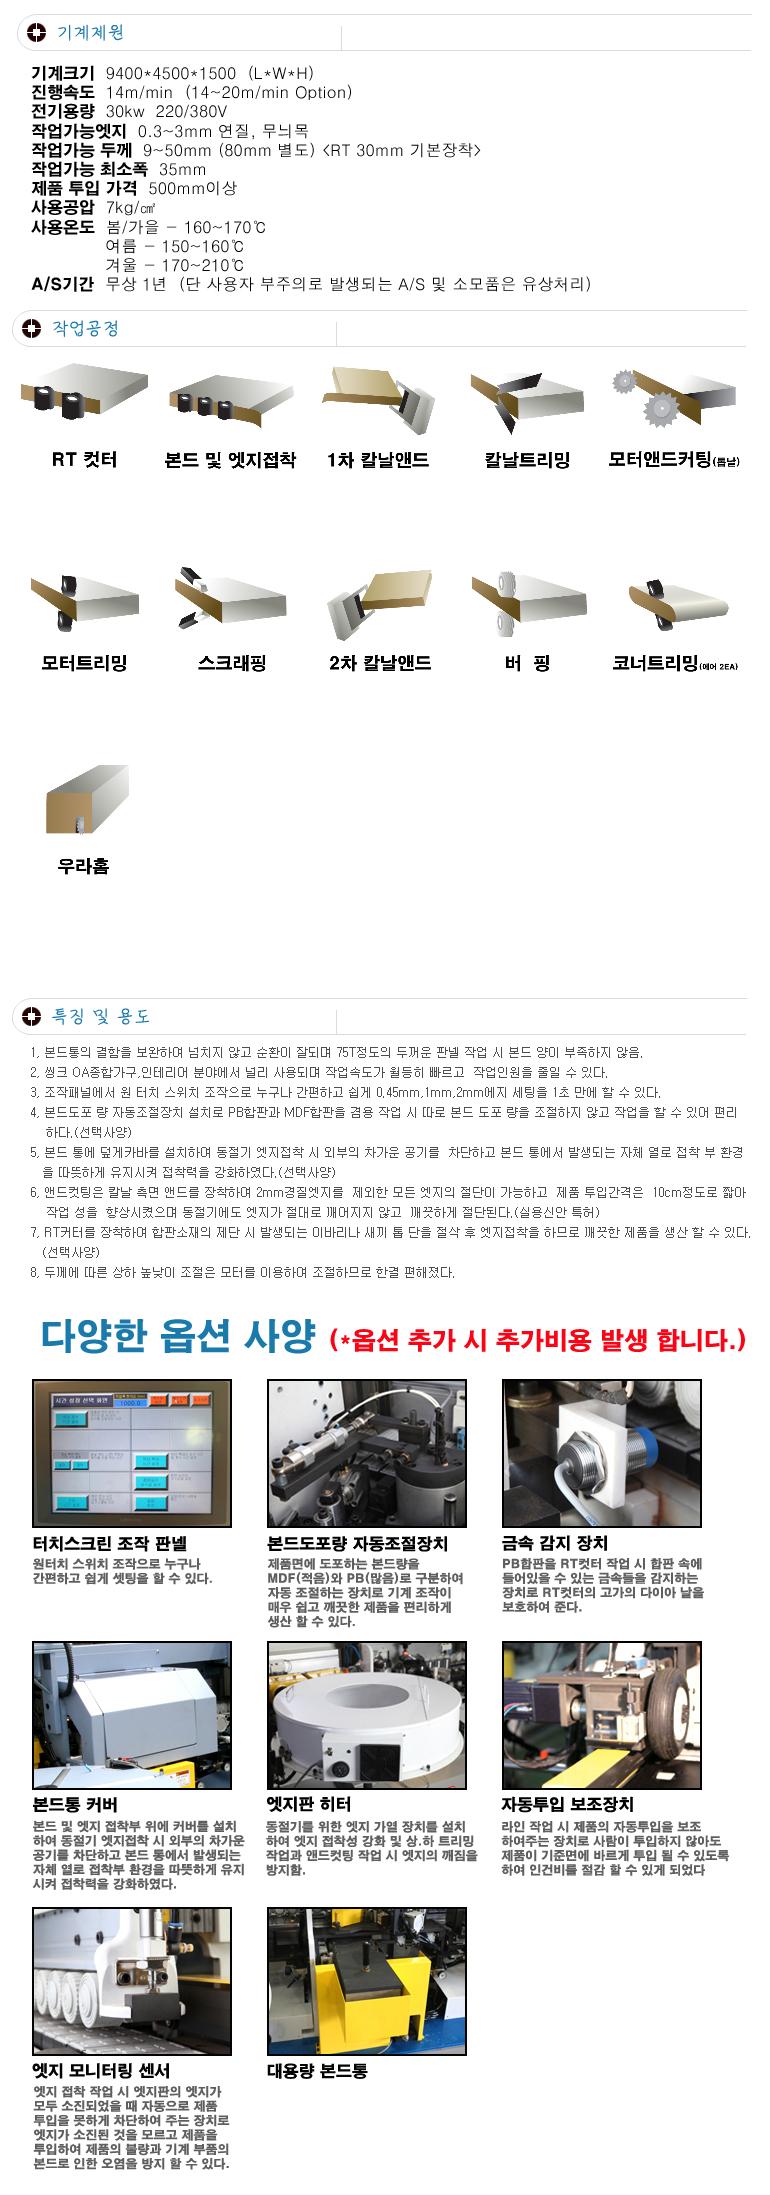 (주)성화우드라인 더블 엣지밴딩기 SHDEB-RT6701AEH 1